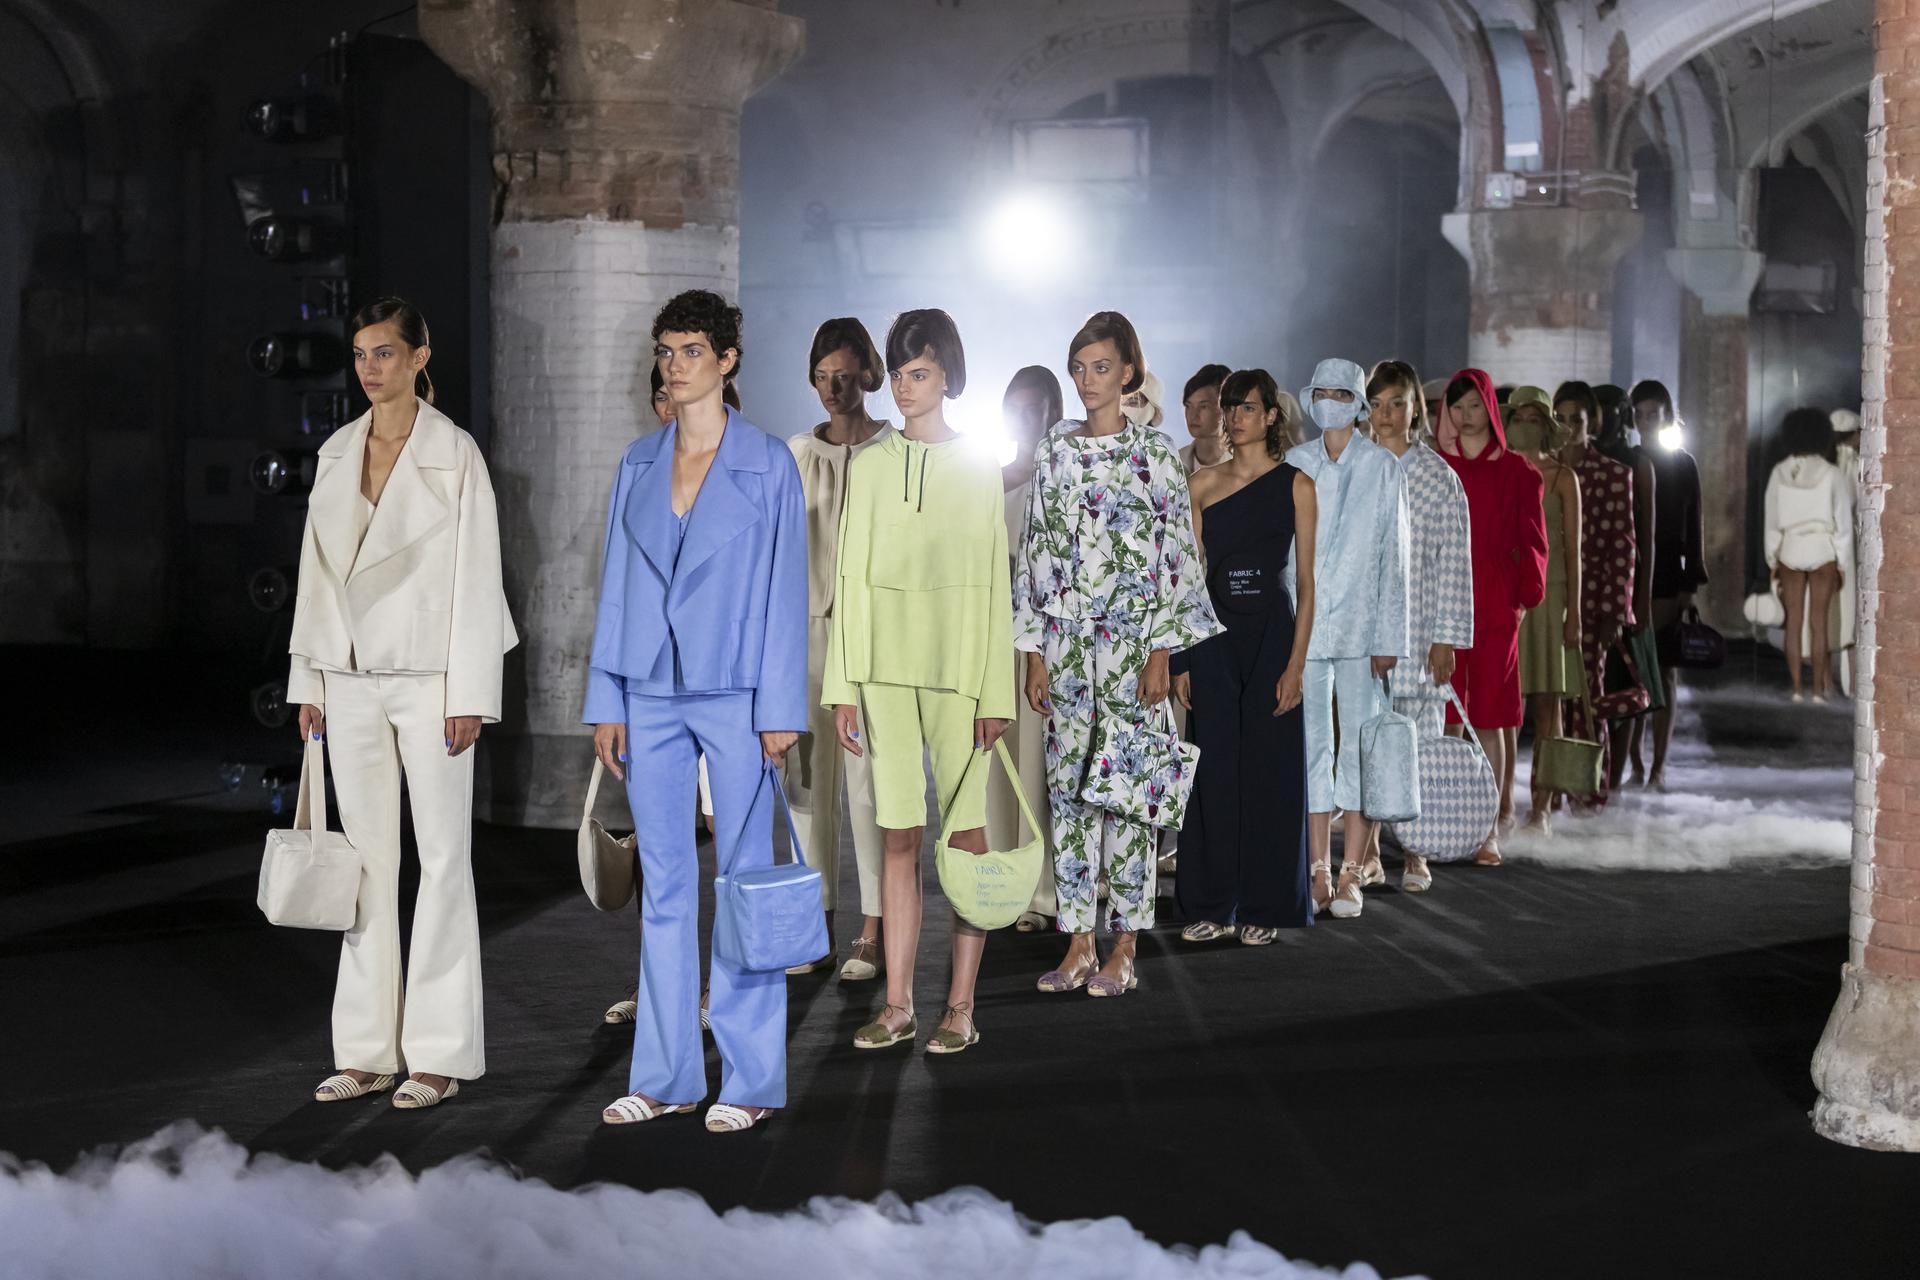 Lera%20Mamba%20ambient 1080 - 080 Barcelona Fashion Digital Edition concluye con su cuarta sesión de los últimos Fashion Show Films